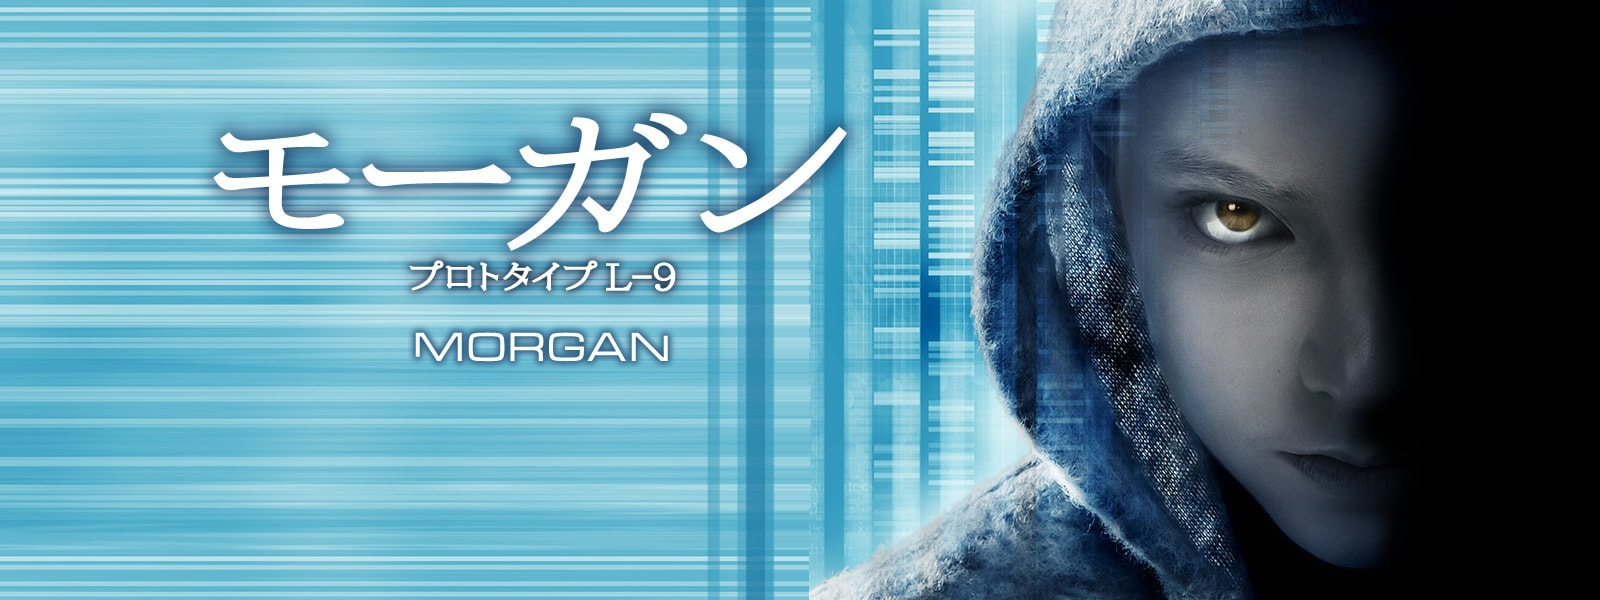 モーガン プロトタイプ L-9|MORGAN Hero Object